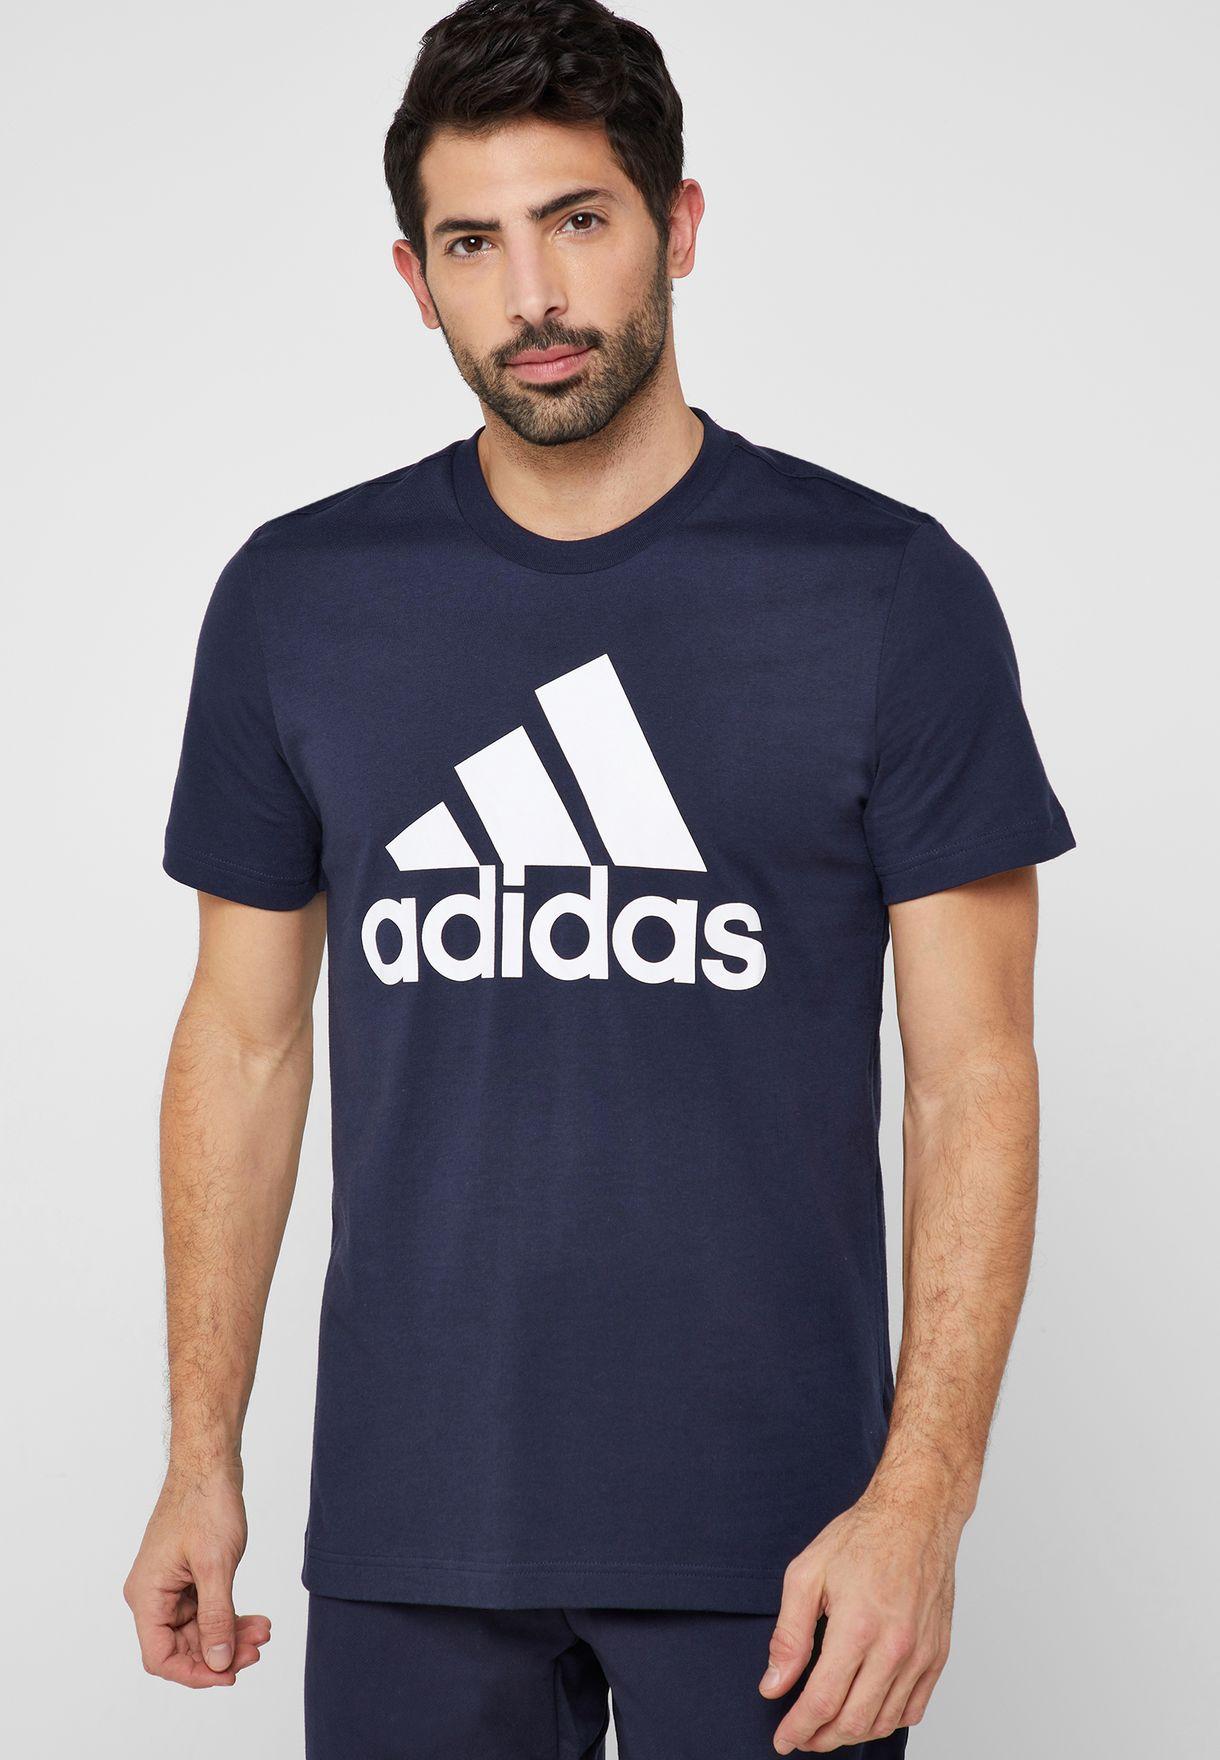 Áo phông Adidas Must Haves Badge Of Sport NavyWhite JapanSport DT9932 màu xanh đậm giảm còn 450.000 đồng (giá gốc 900.000 đồng); thiết kế ôm vừa, thoải mái, không quá rộng hay quá bó; dạng cộc tay; vải jersey một mặt phải làm từ cotton mang lại cảm giác mềm mại.